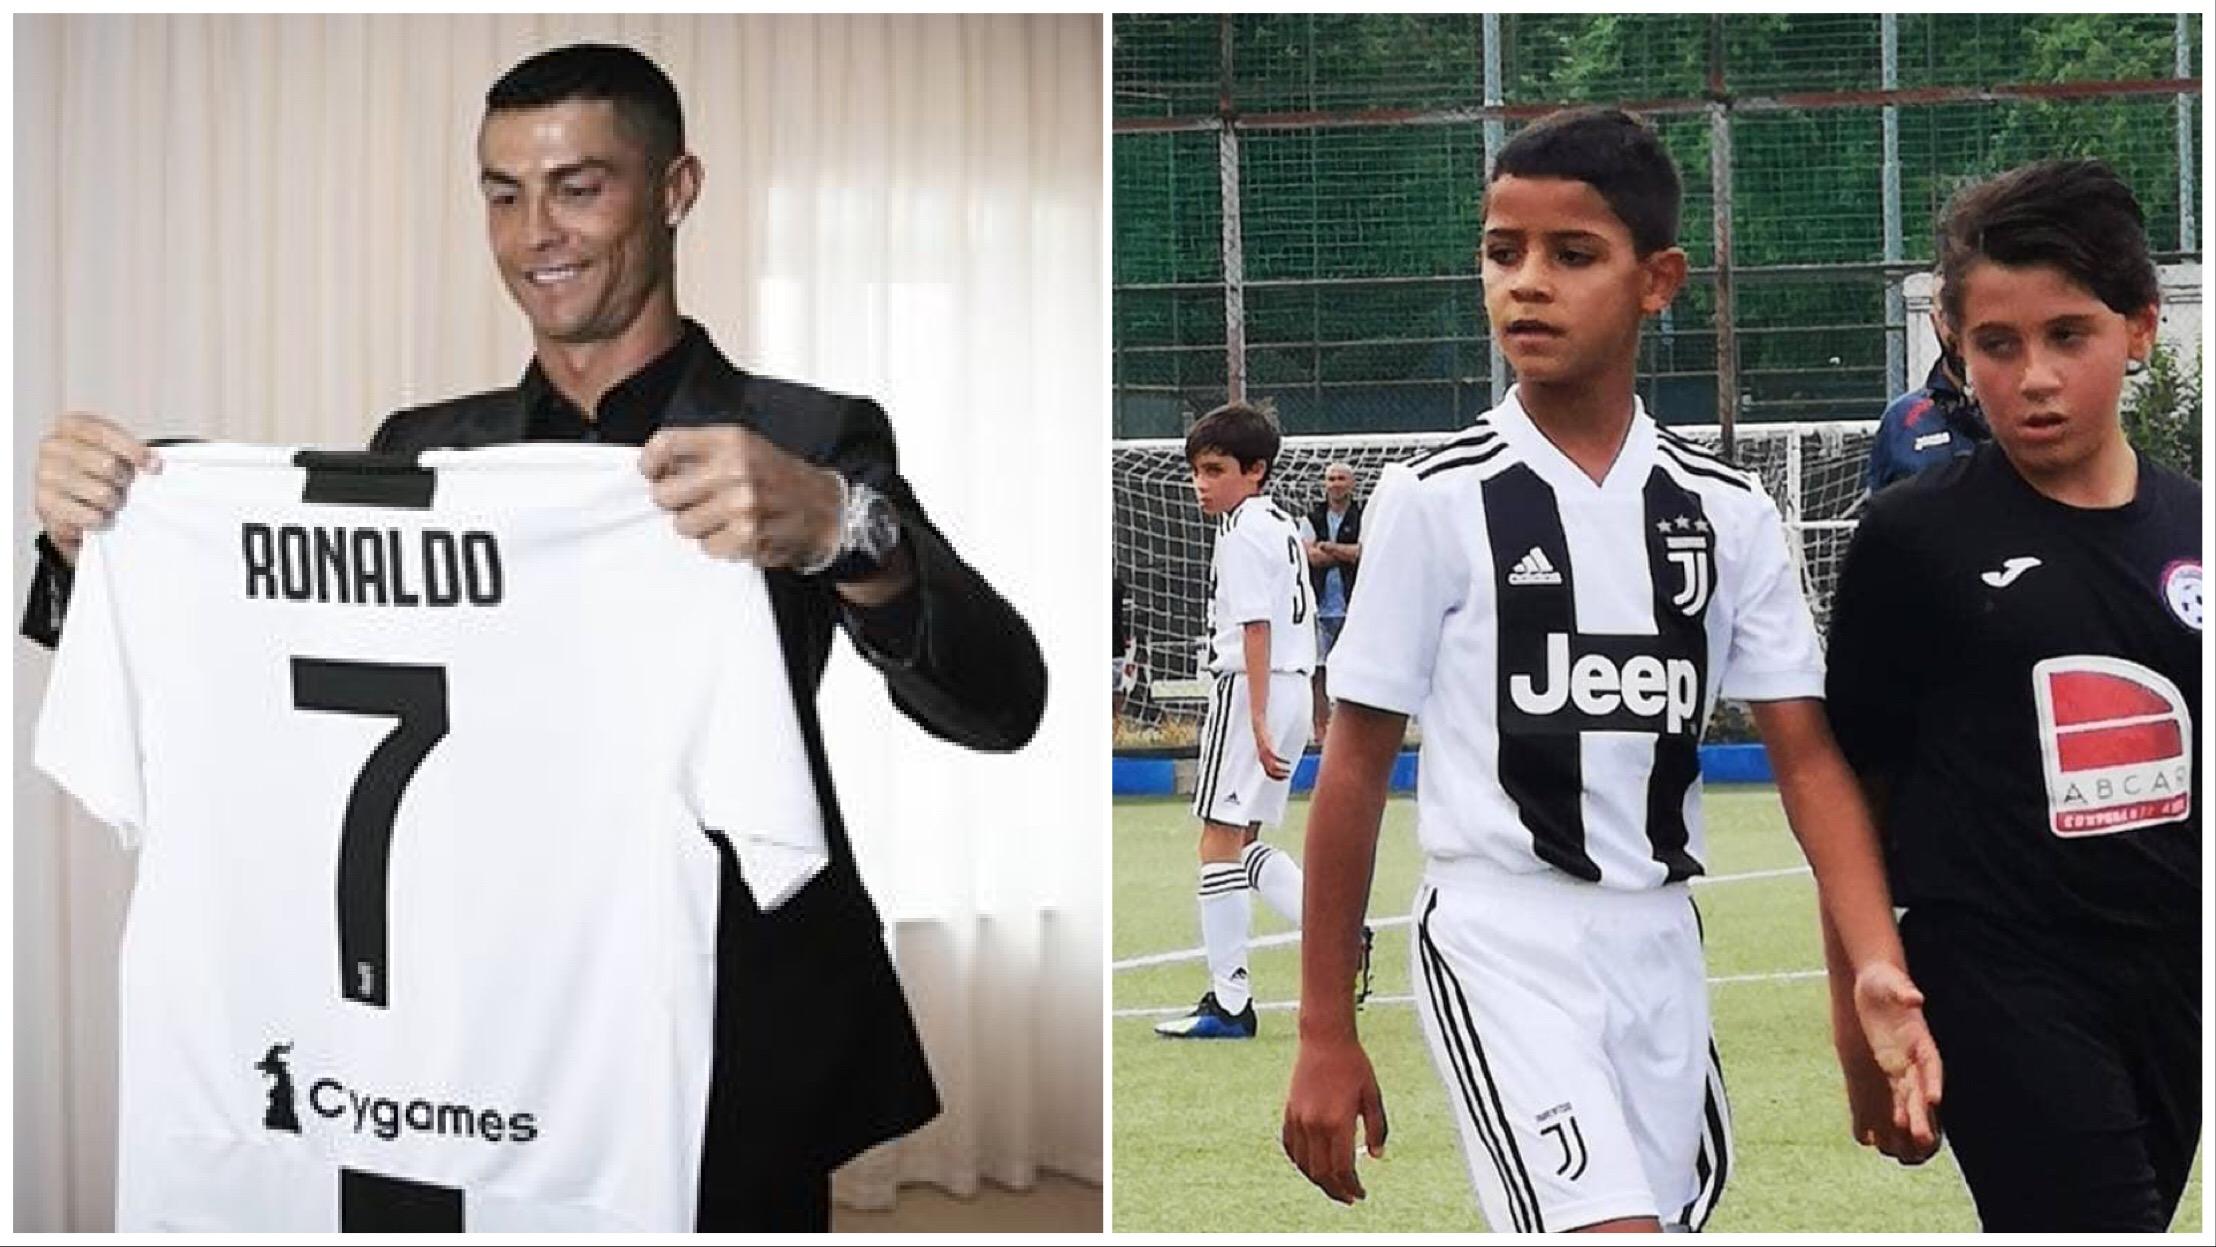 2c3671a3ac Foi com um  poker  que o filho mais velho de Cristiano Ronaldo se estreou  nos sub-9 da  Vecchia Signora